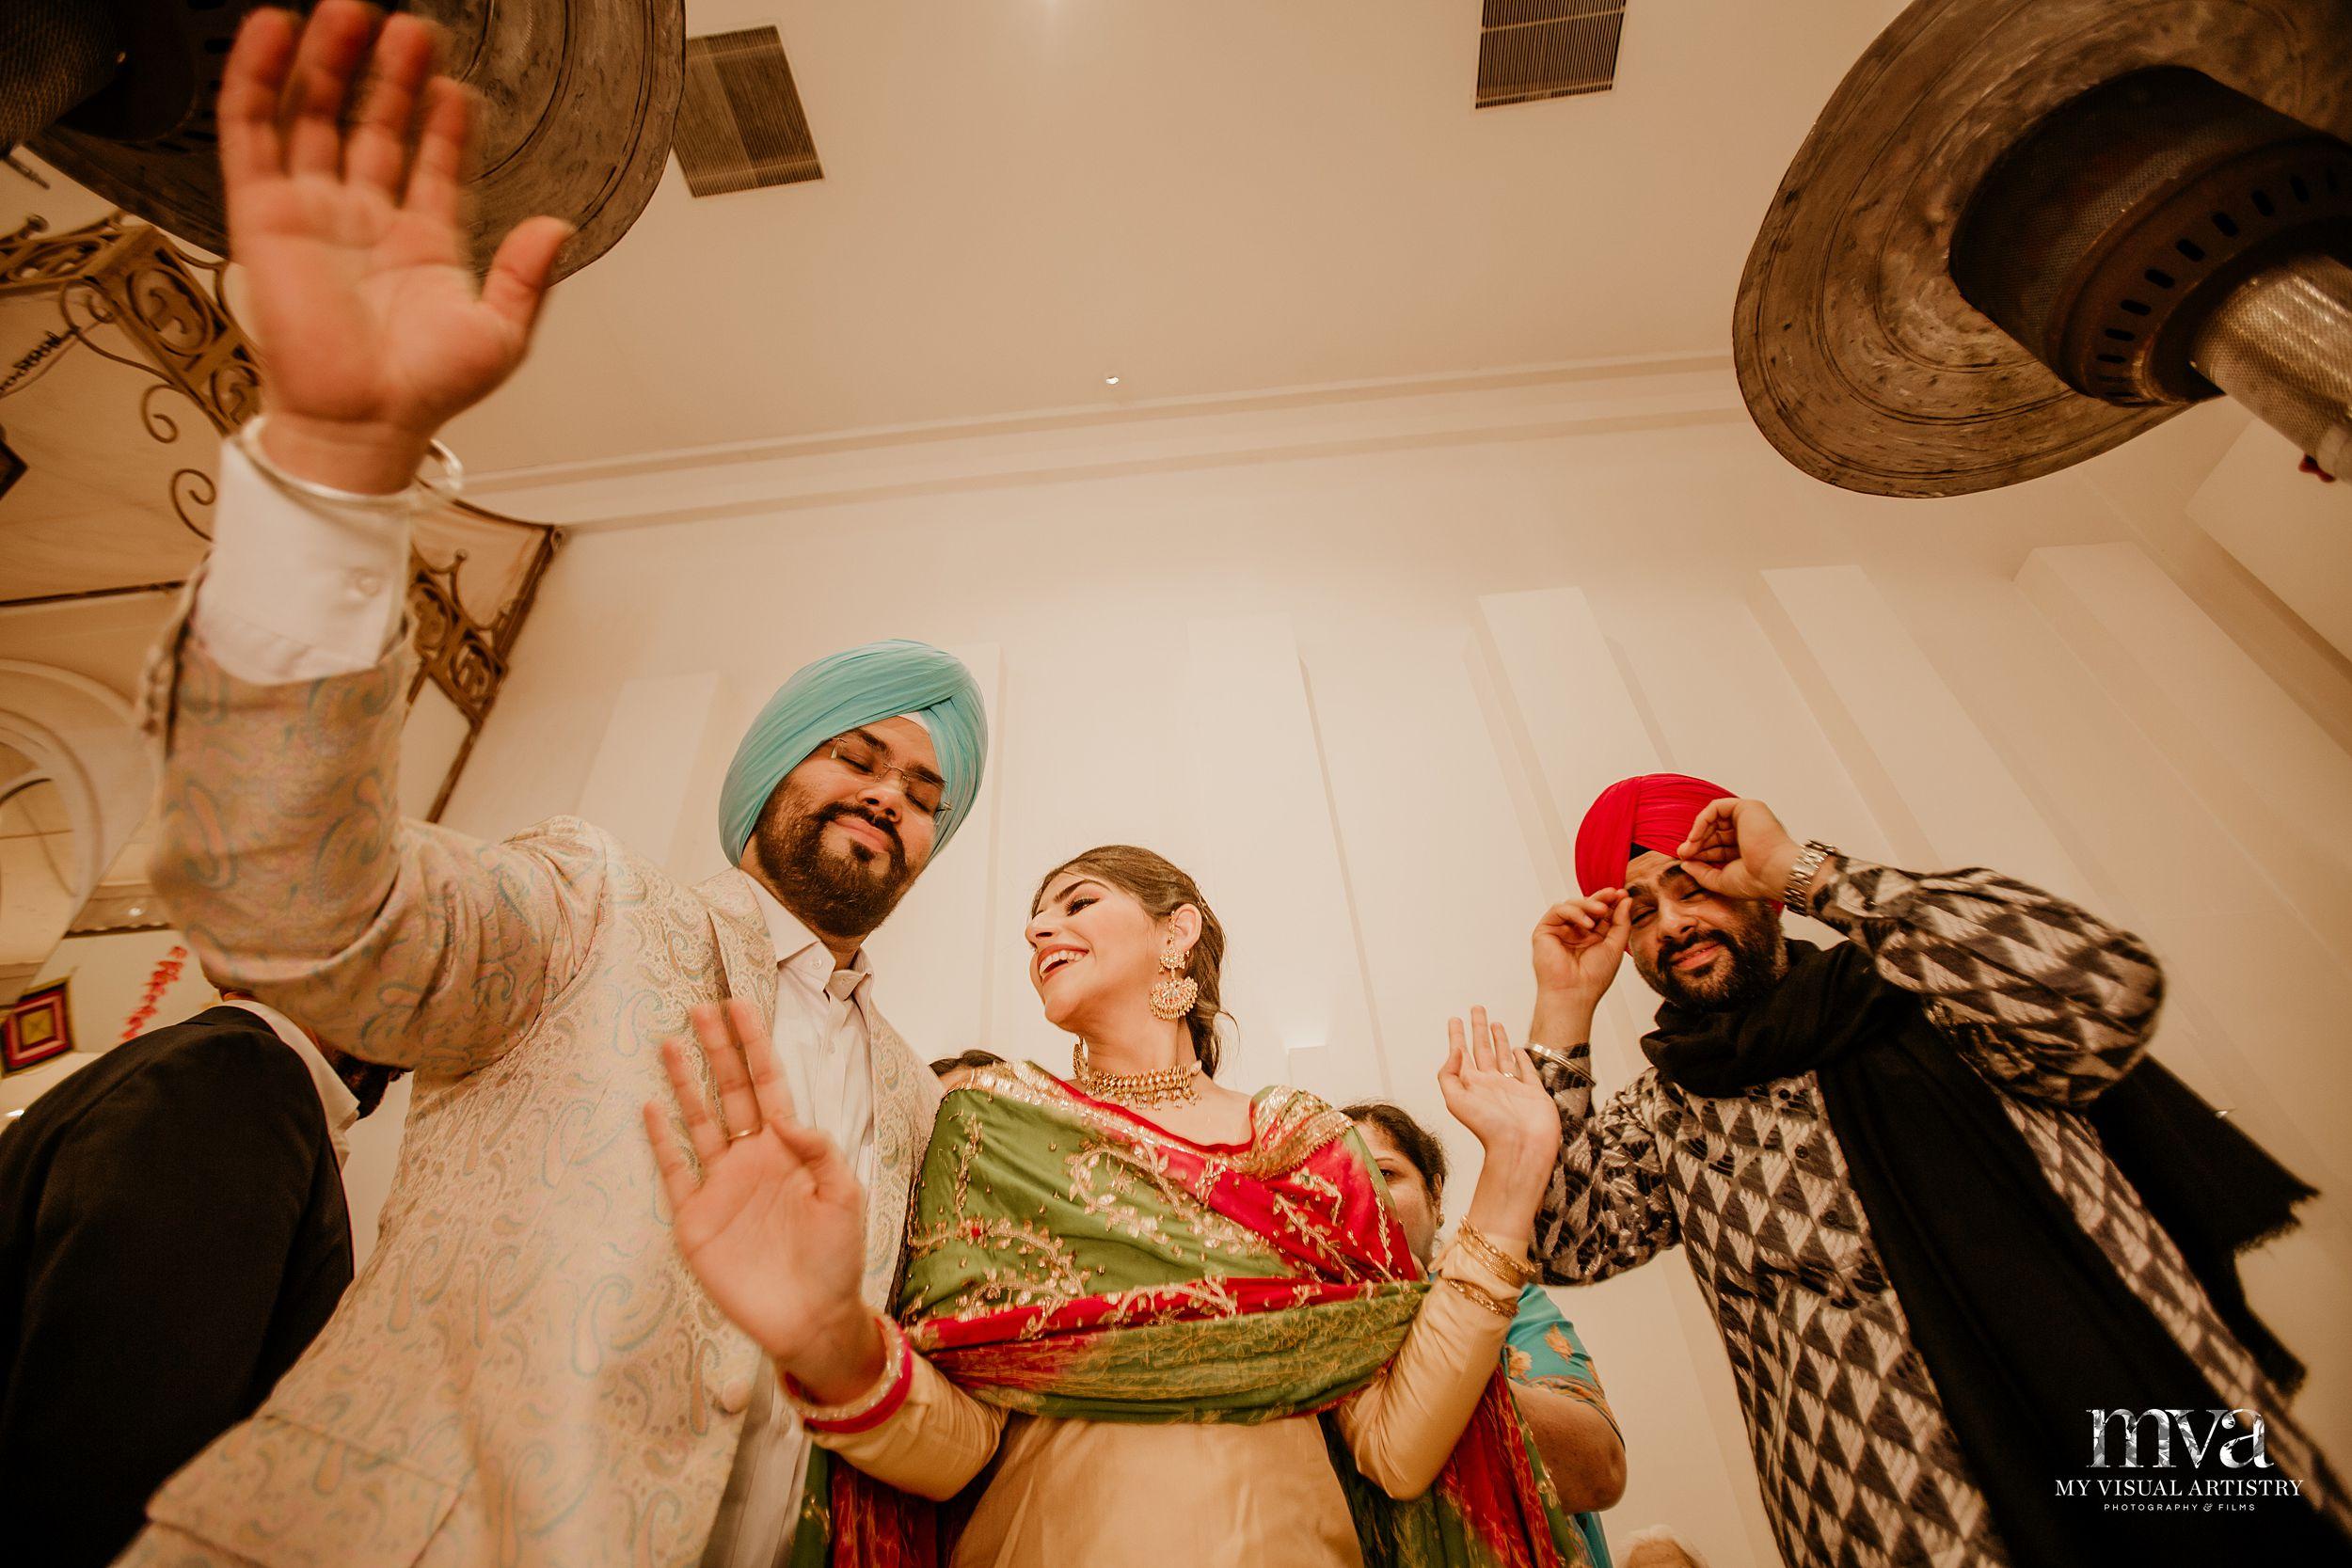 anant_arundhati_myvisualartistry_mva_wedding_sikh_ - 089.jpg